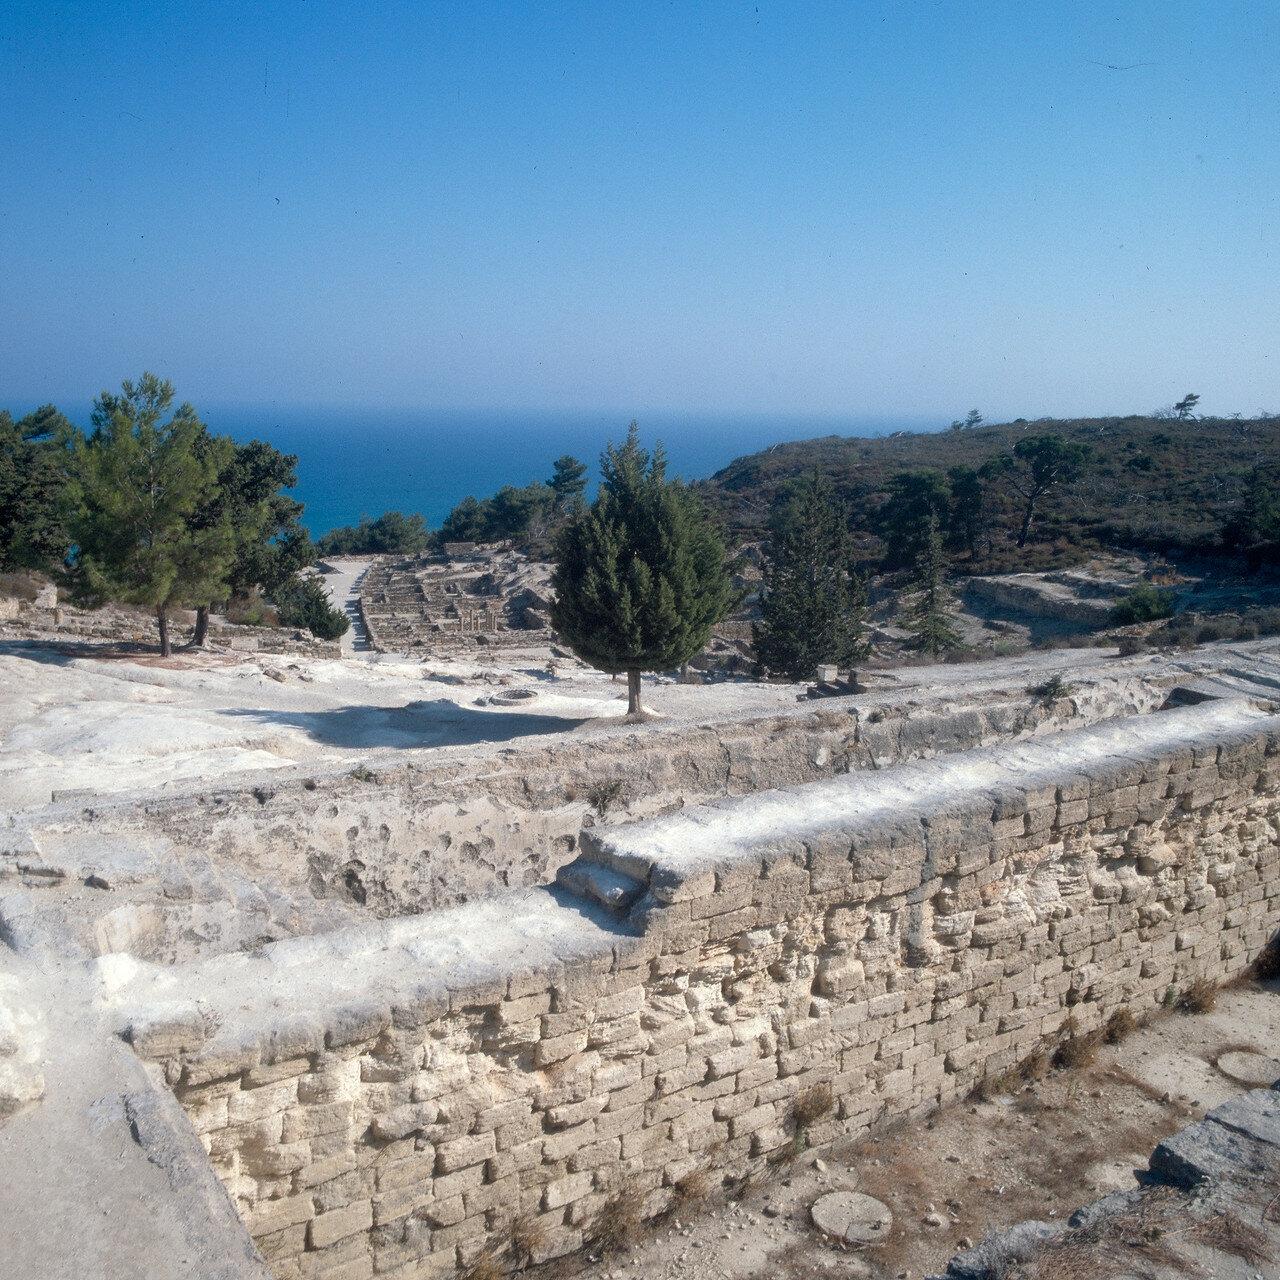 Камирос. Резервуар для сбора дождевой воды. Его создание относят к VI в. до н. э. Его объёма в 600 куб. м, по подсчётам, хватало для обеспечения водой примерно 400 семей. Резервуар был оснащён системой труб